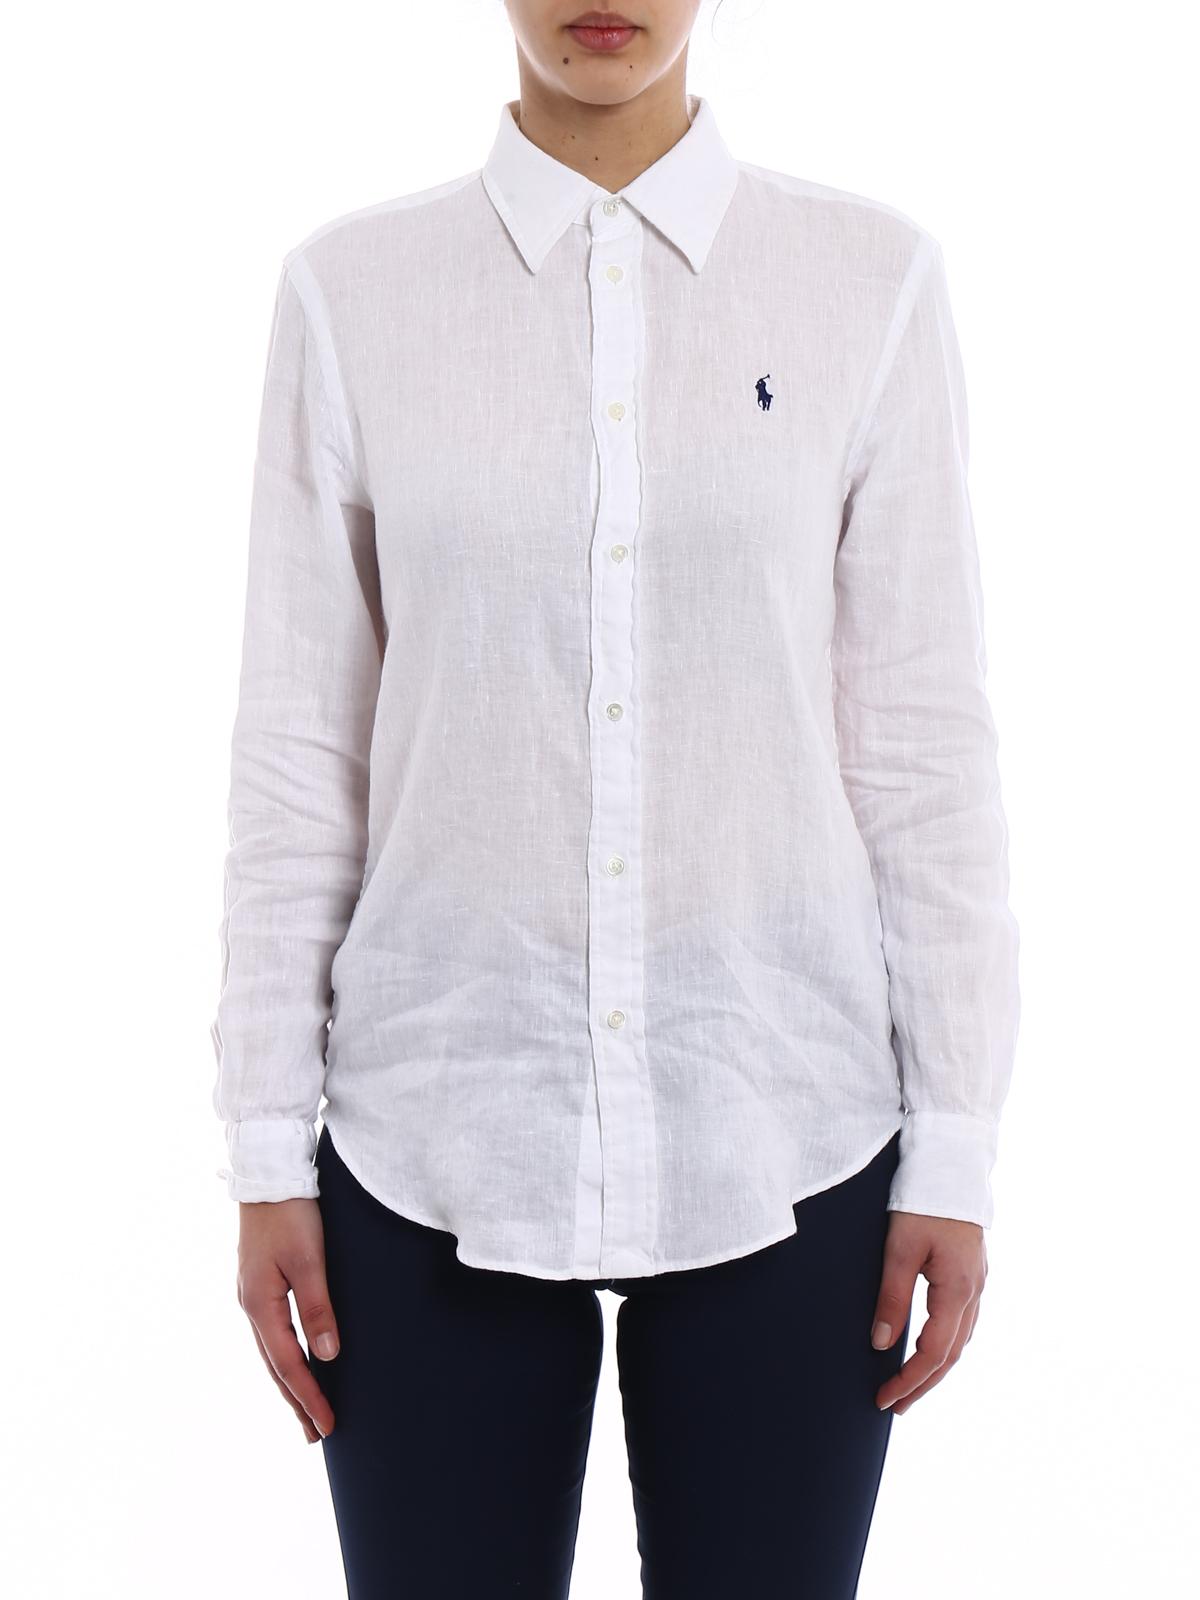 086f49c34 Polo Ralph Lauren - White linen shirt - shirts - 211697461001 ...